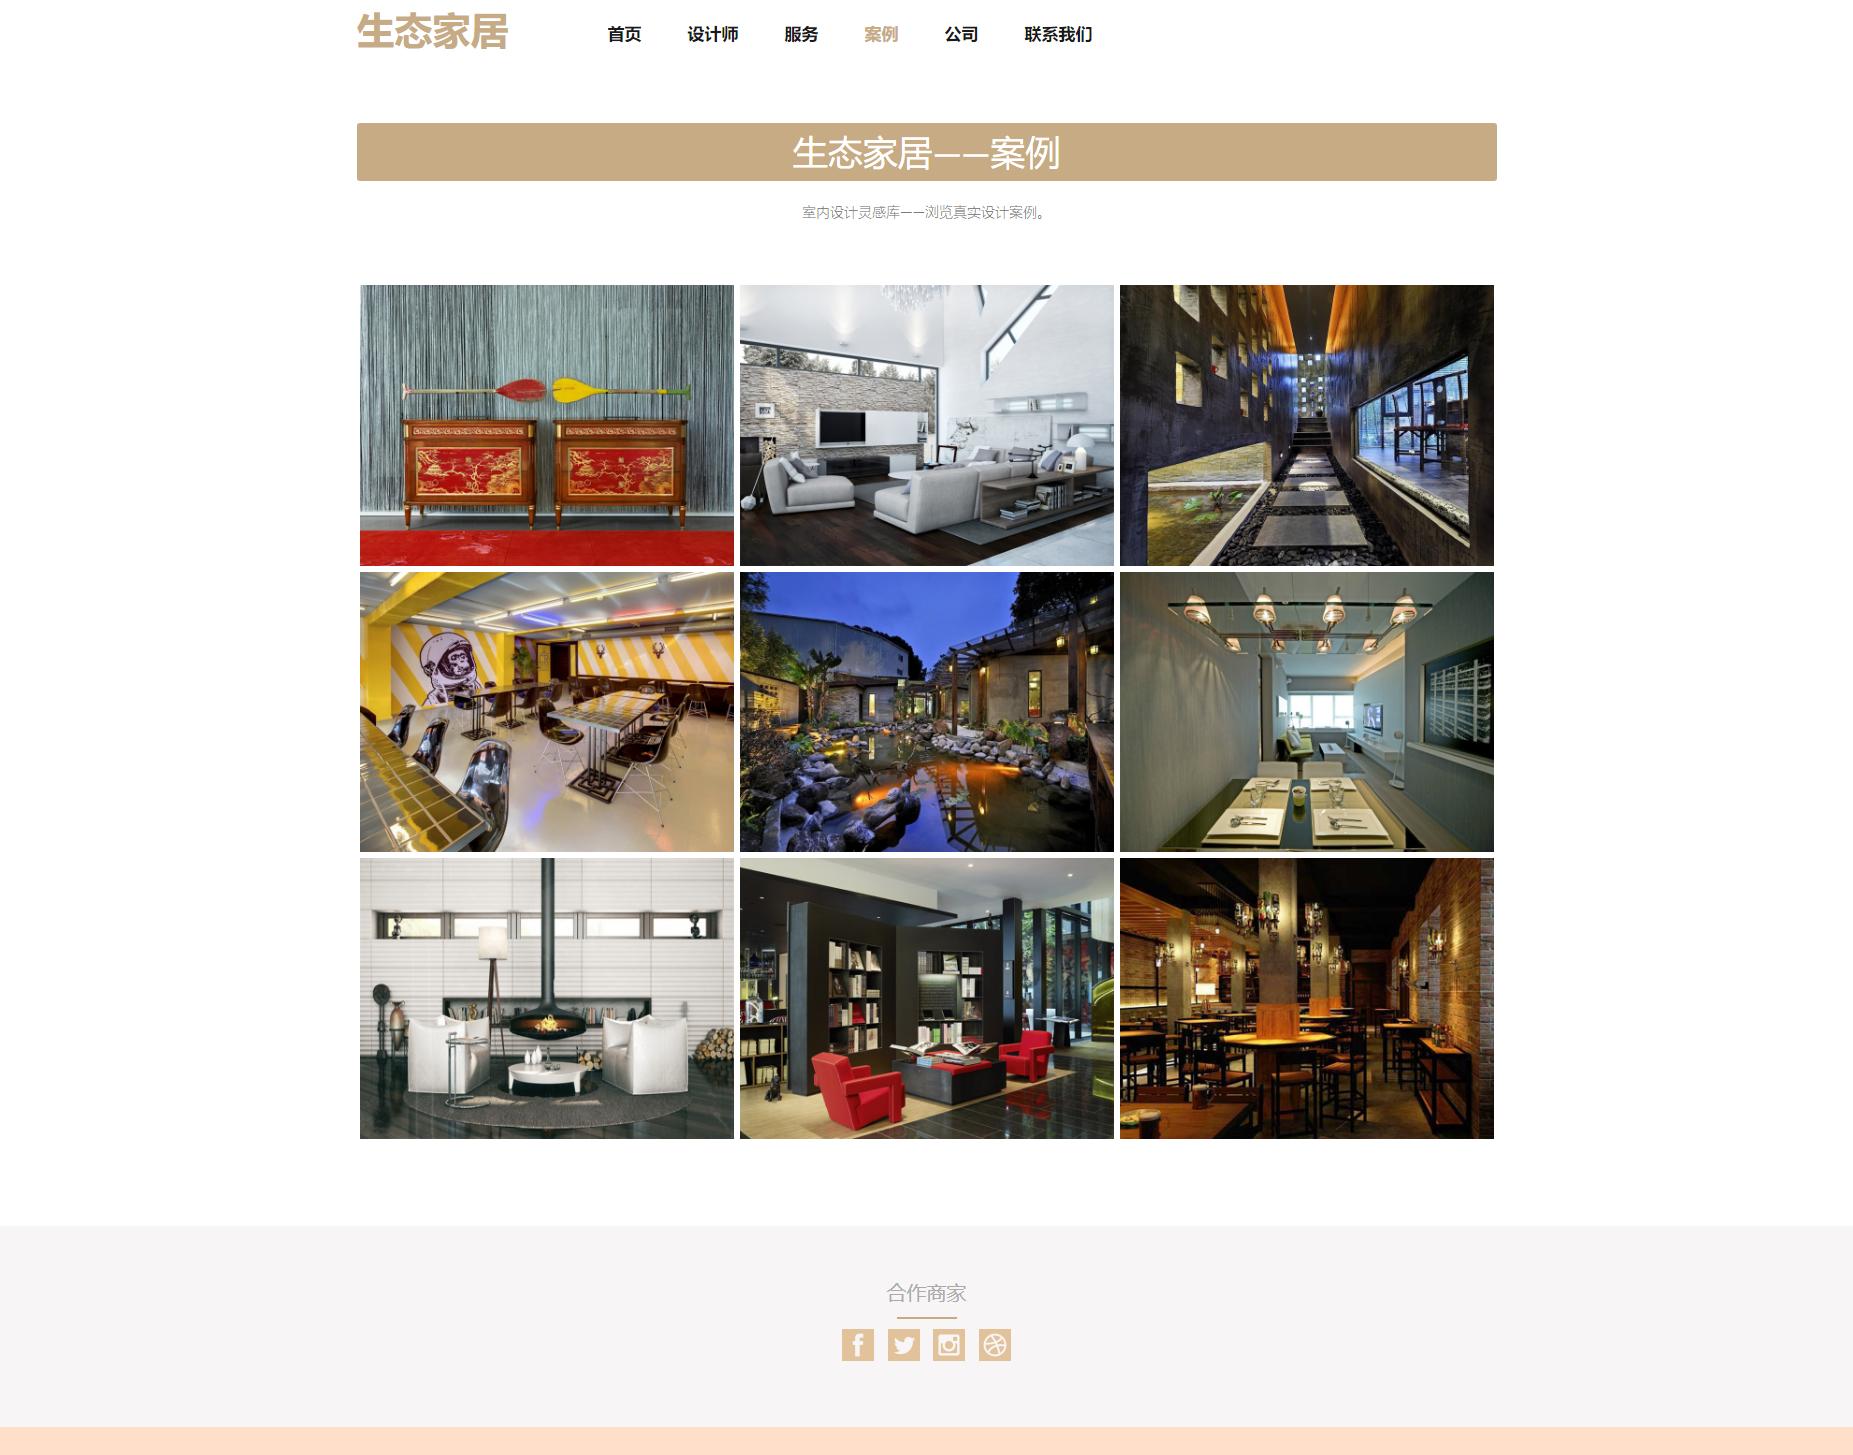 简洁的家居装饰公司网站css3模板.pnglist.png